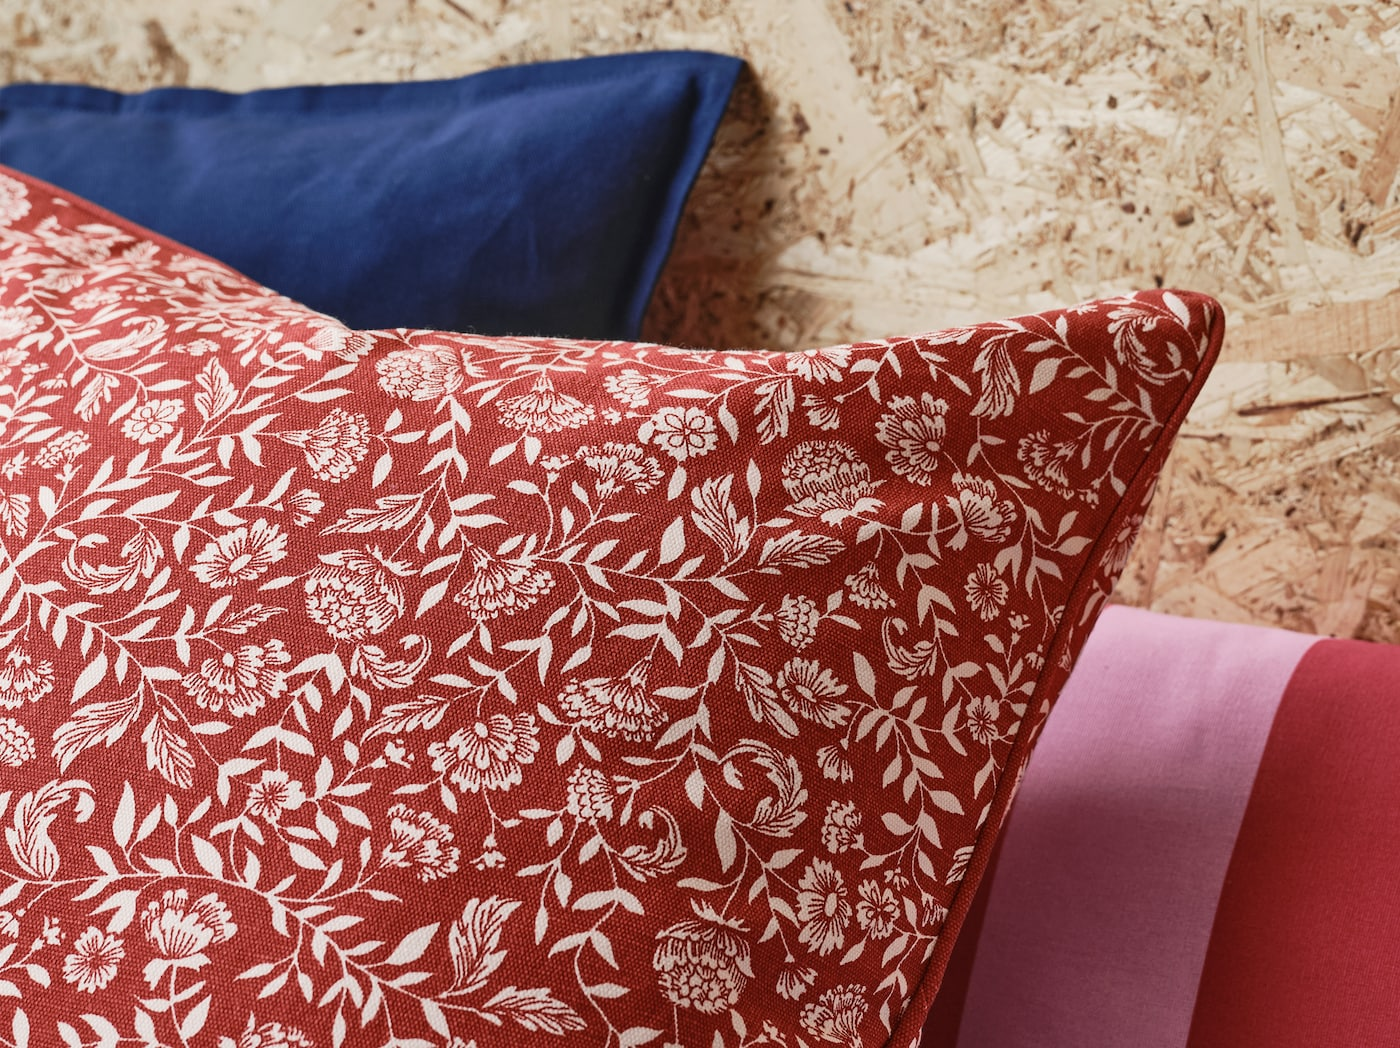 صورة مقربة لغطاء وسادةEVALOUISE بتصميم زهور إسكندنافي تقليدي أحمر وأبيض.